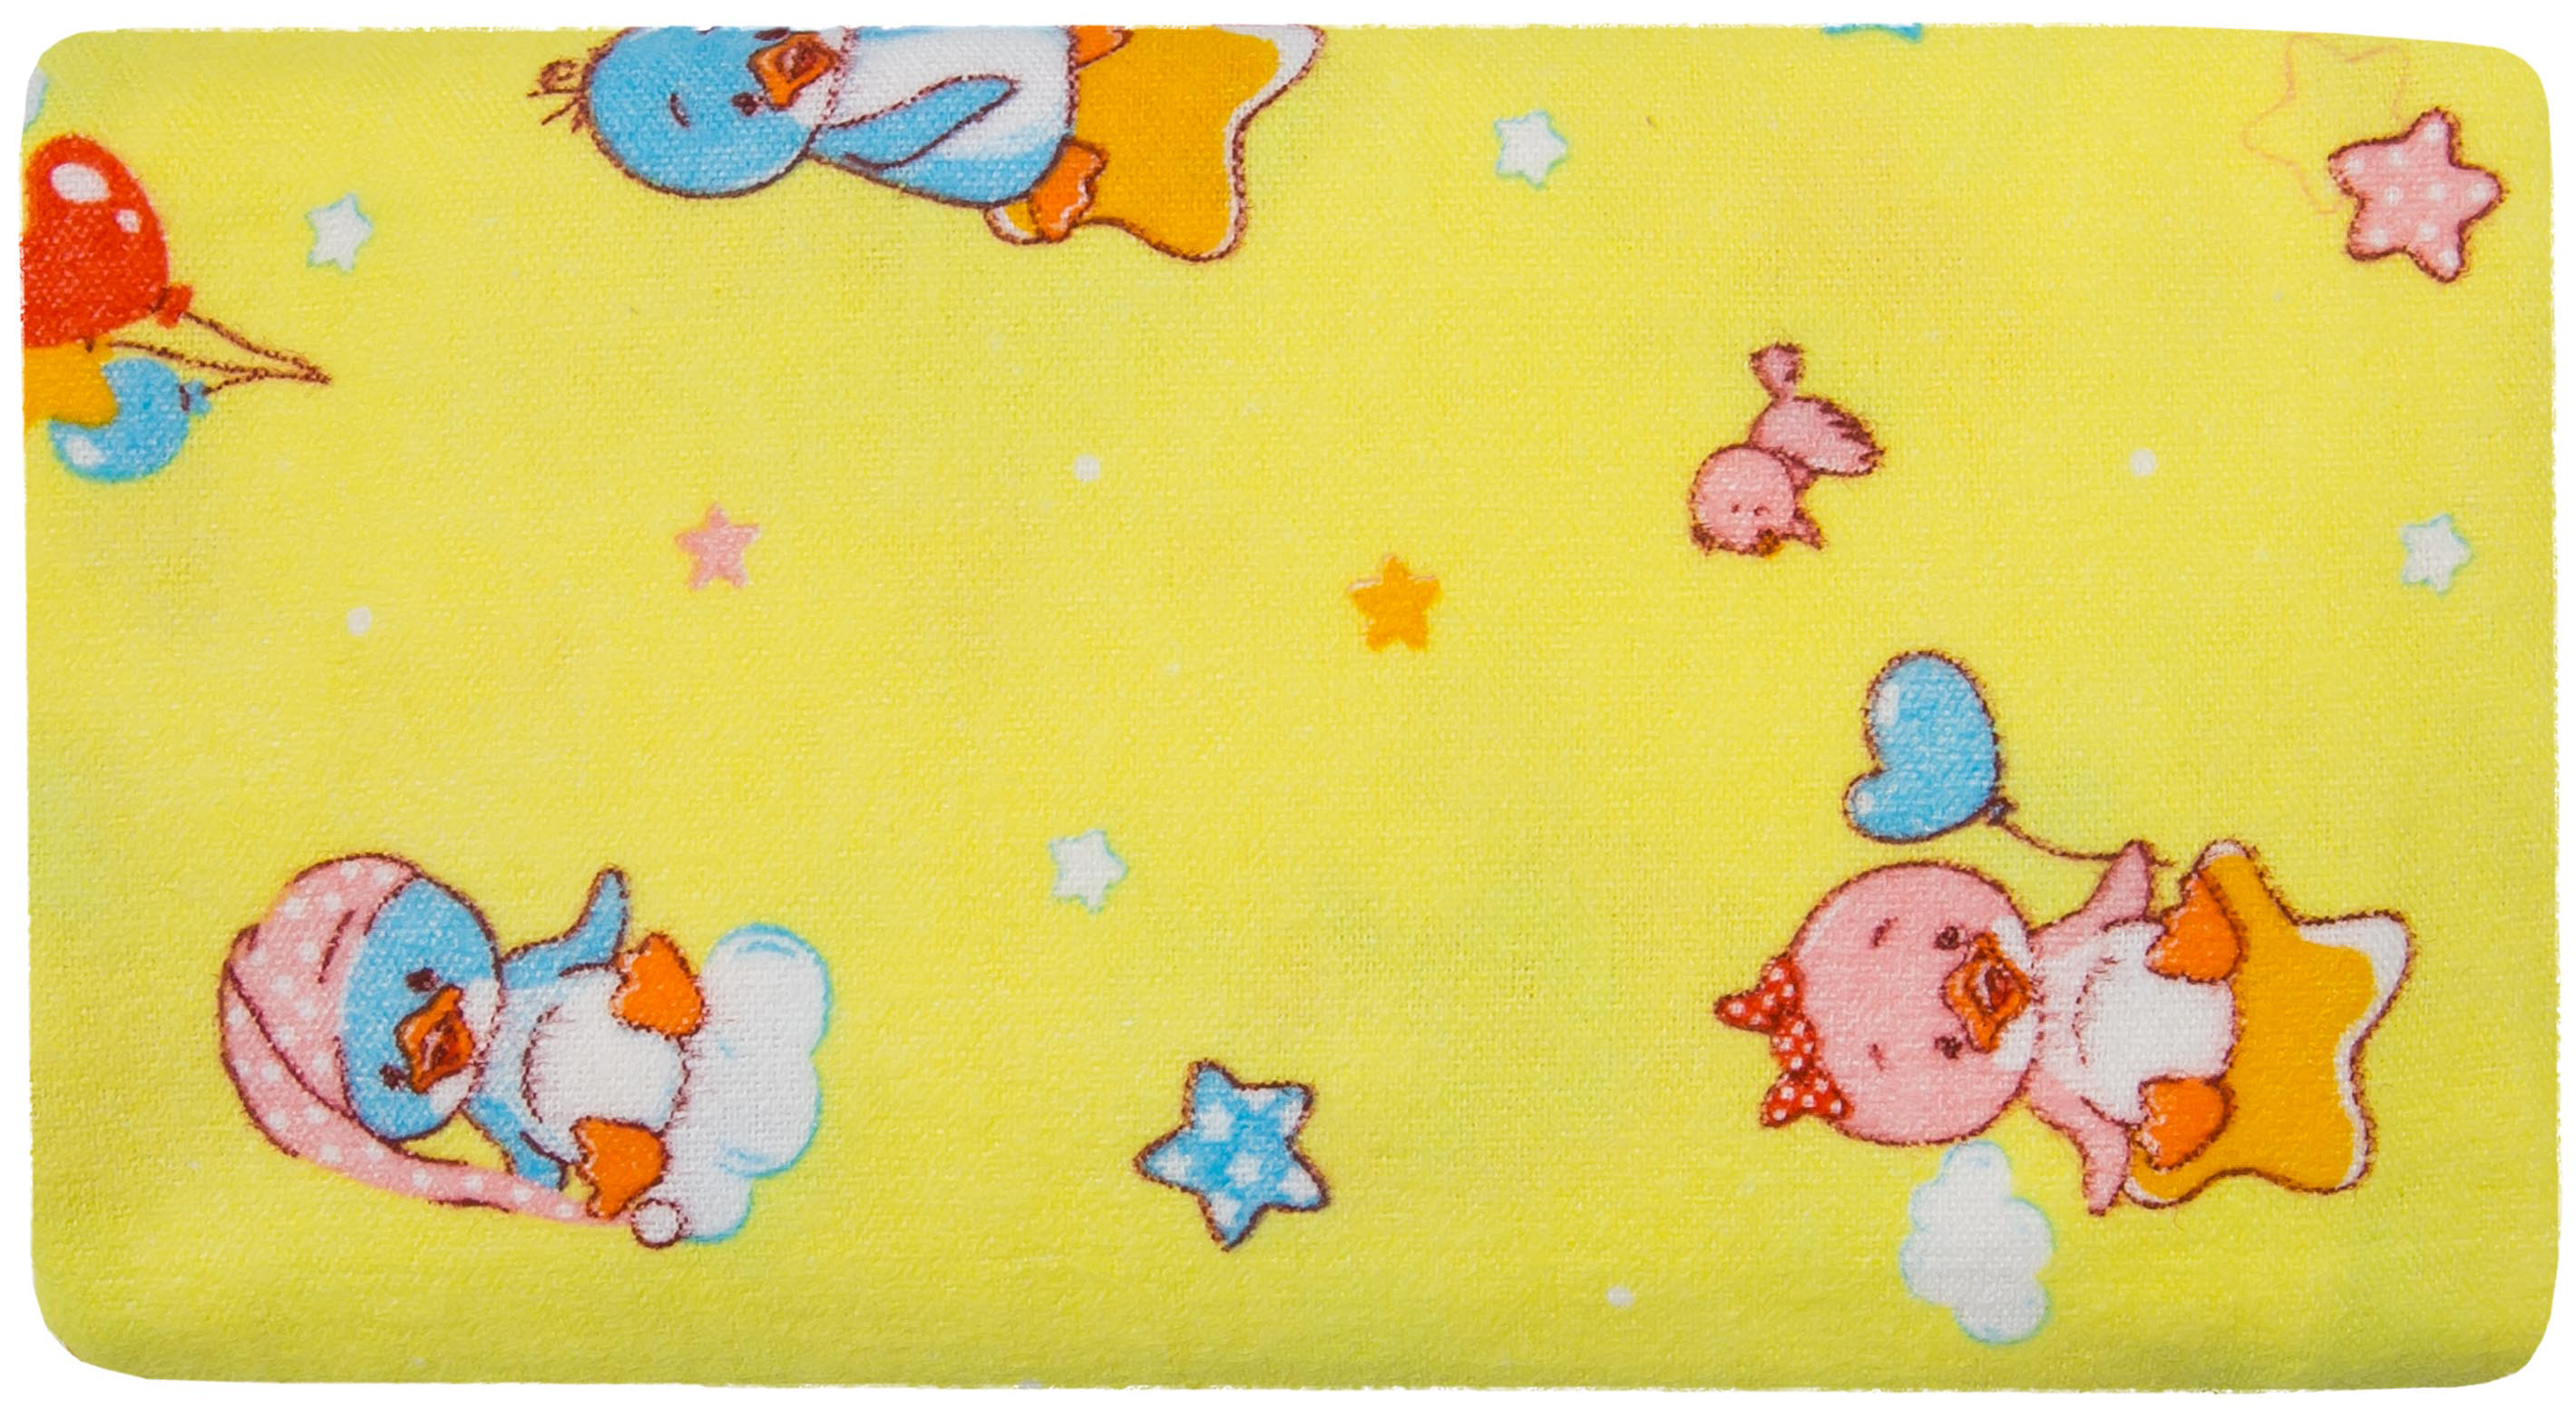 Купить Первые вещи новорожденного, Комплект пеленок Barkito, фланель, 2шт, белая с рисунком Горошки, желтая с рисунком Пингвины, 90x120 см, Россия, белый с рисунком горошки , желтый с рисунком пингвины